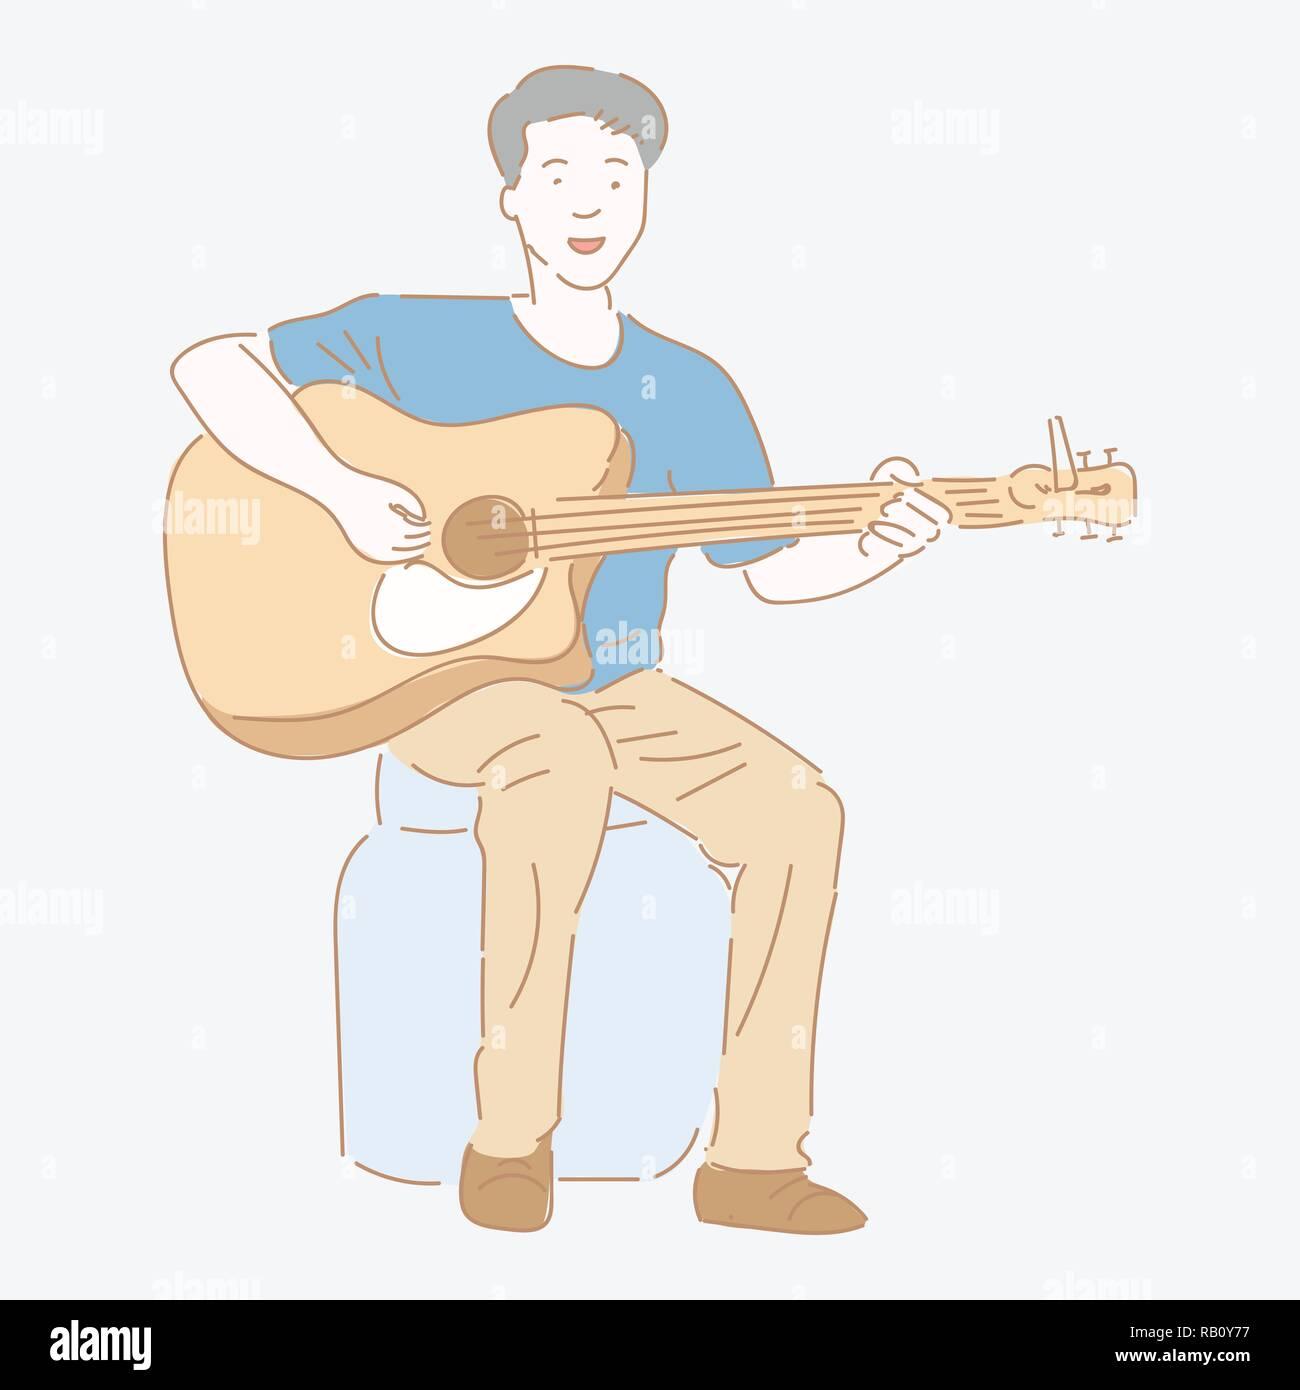 El guitarrista hombre tocando la guitarra sentado en recipiente de plástico. Concepto de música, estilo plano diseño gráfico - ilustración vectorial. Ilustración del Vector